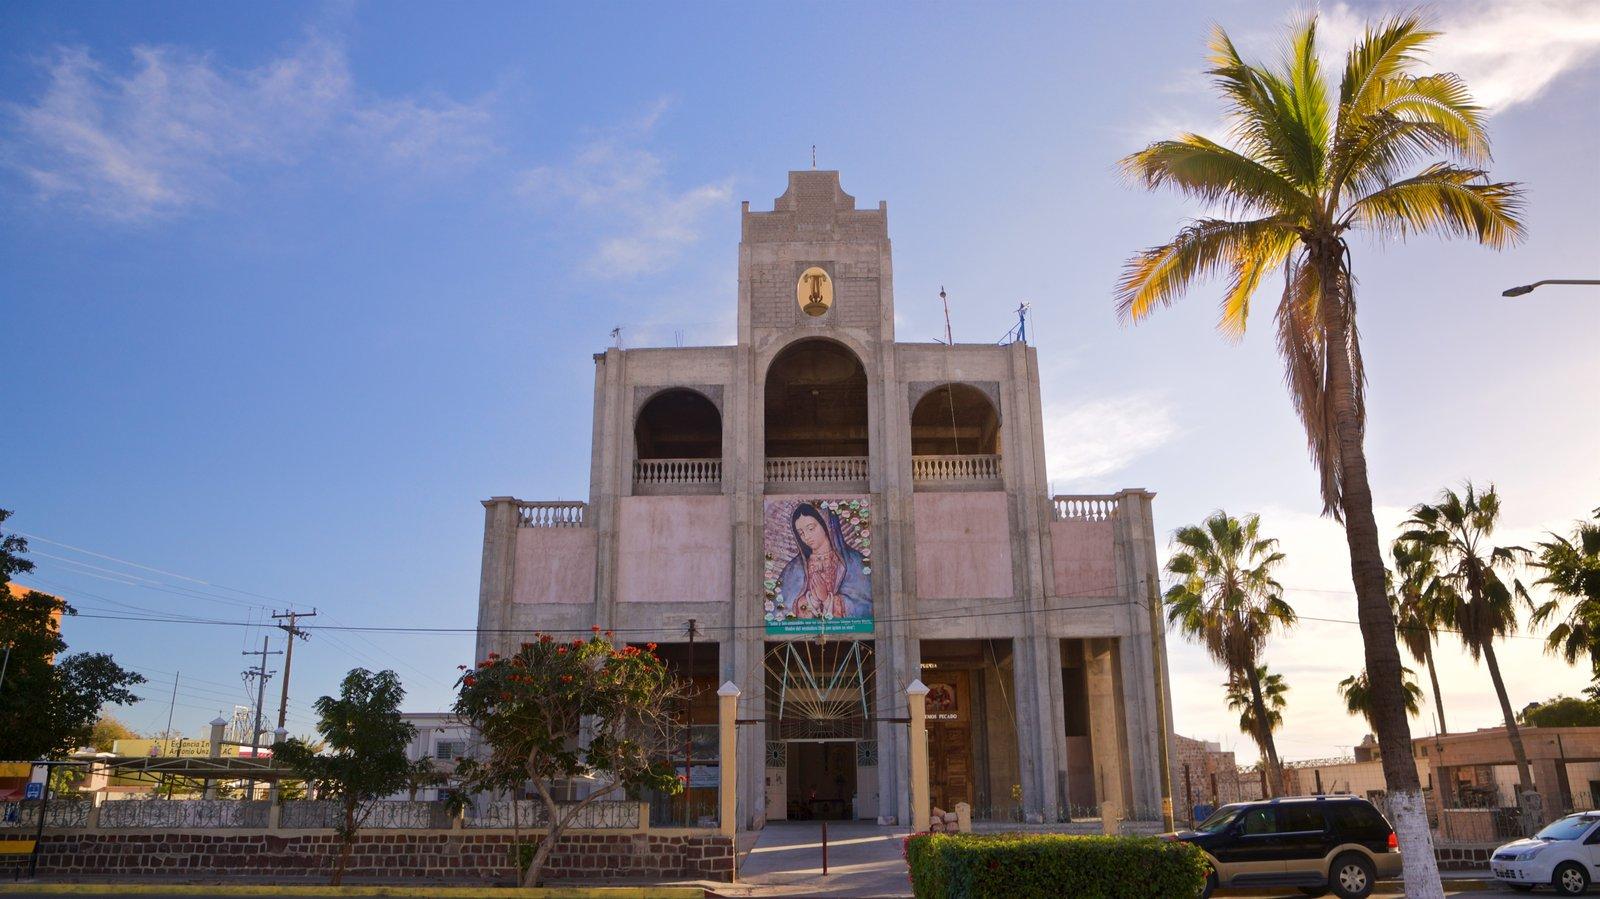 Santuario de la Virgen de Guadalupe mostrando una puesta de sol, una iglesia o catedral y patrimonio de arquitectura